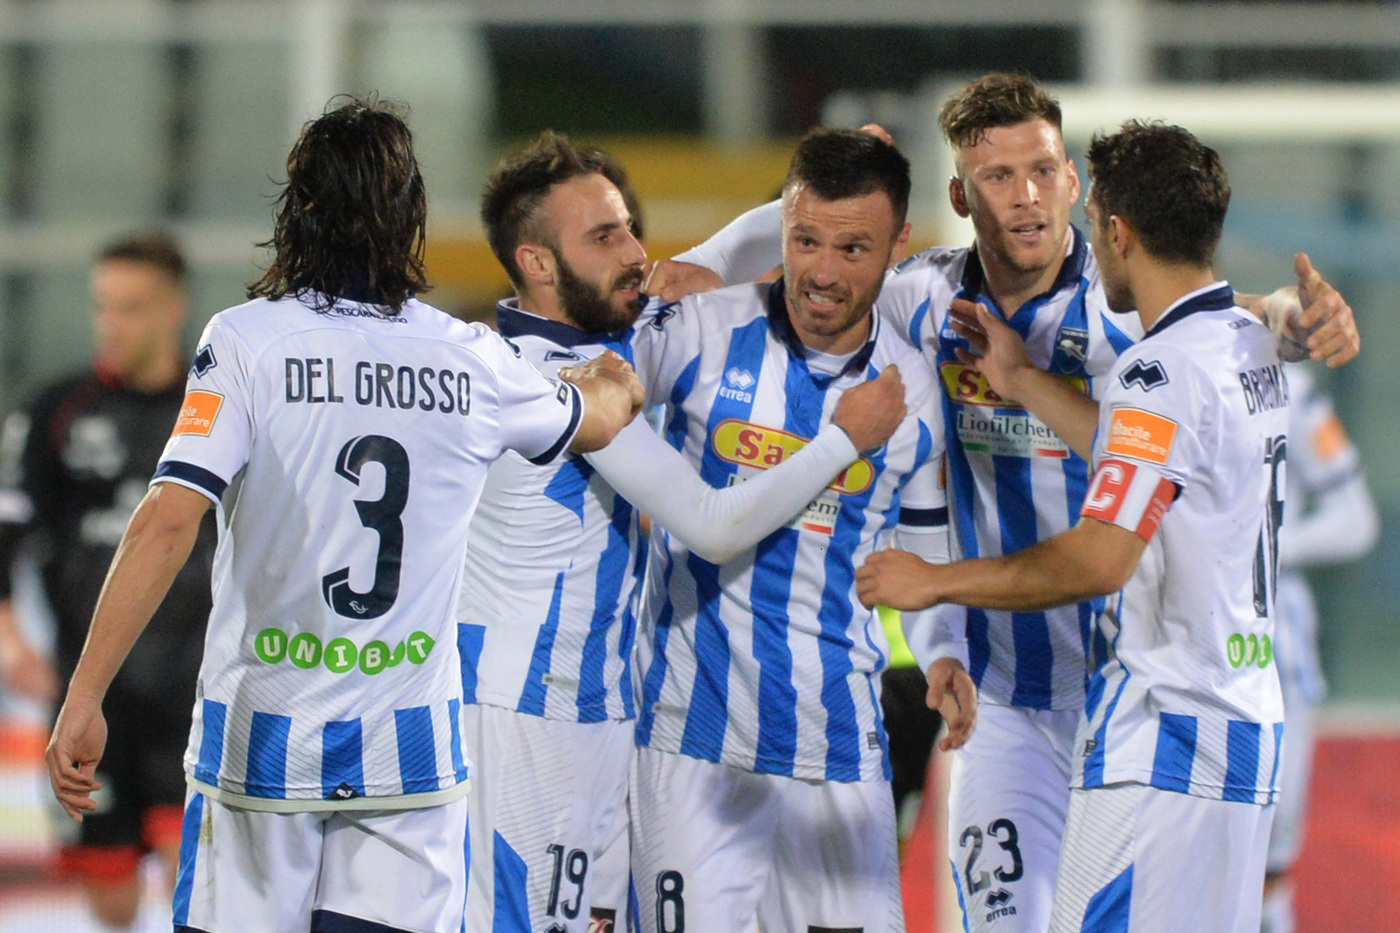 Pescara-Verona 27 aprile: si gioca per la 35 esima giornata del campionato di Serie B. Quale delle 2 squadre uscirà dalla crisi?